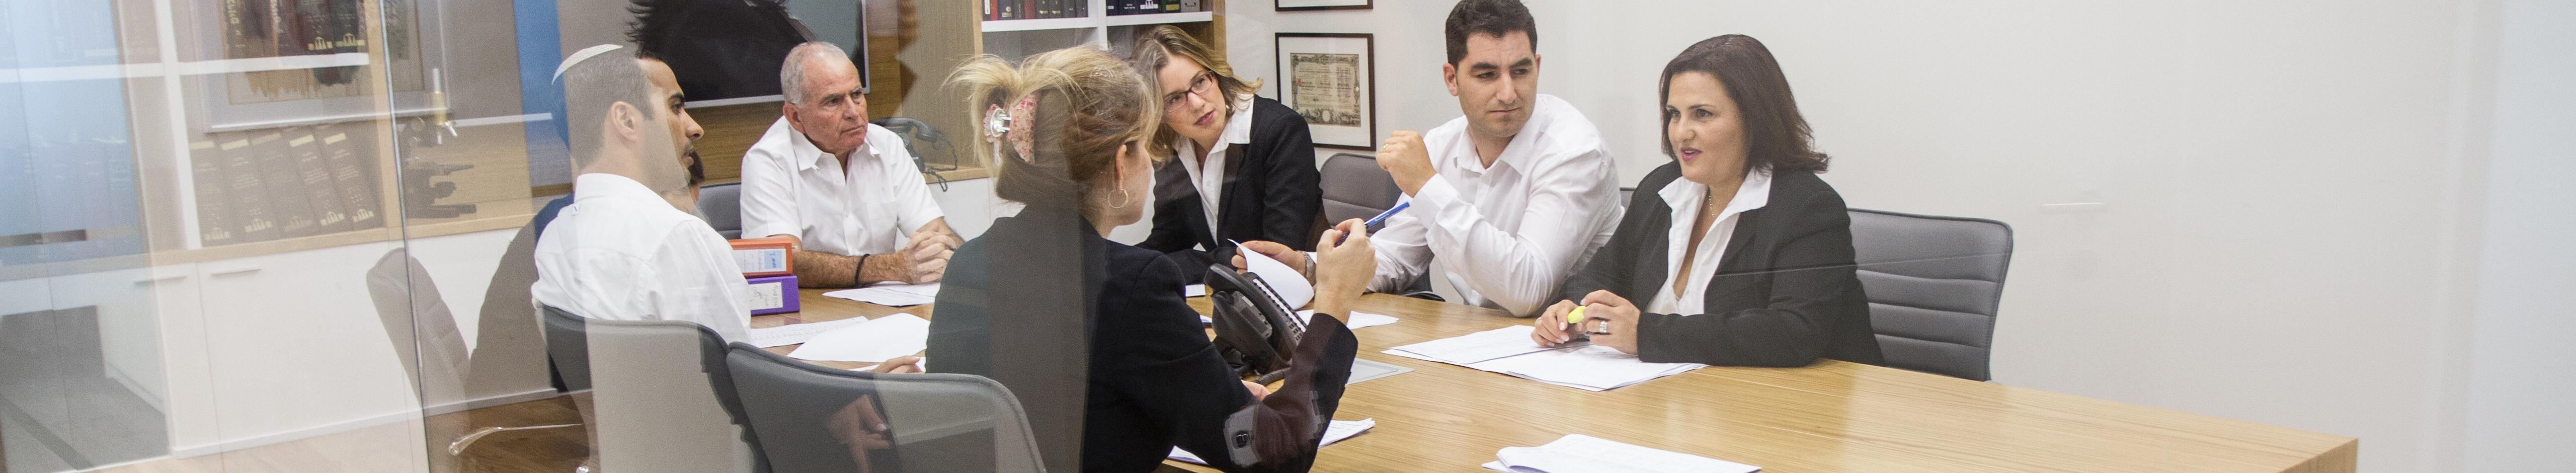 אבימור שדמי עורכי דין